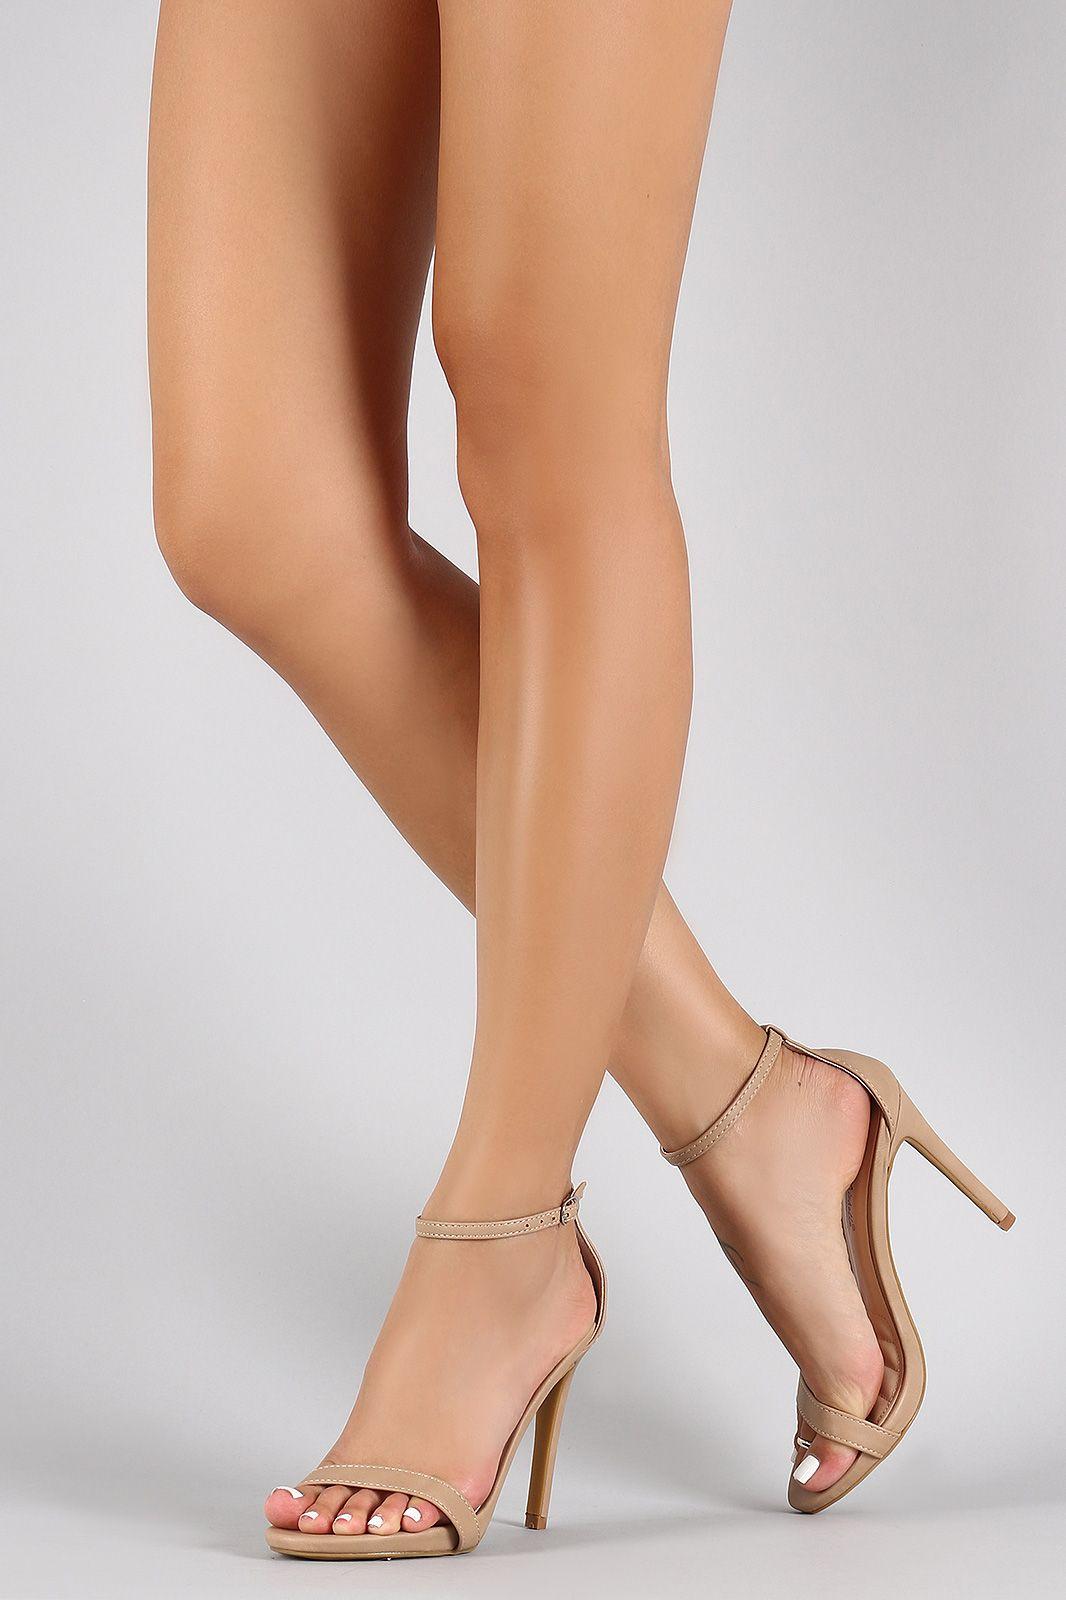 Nude Open Toe High Heels